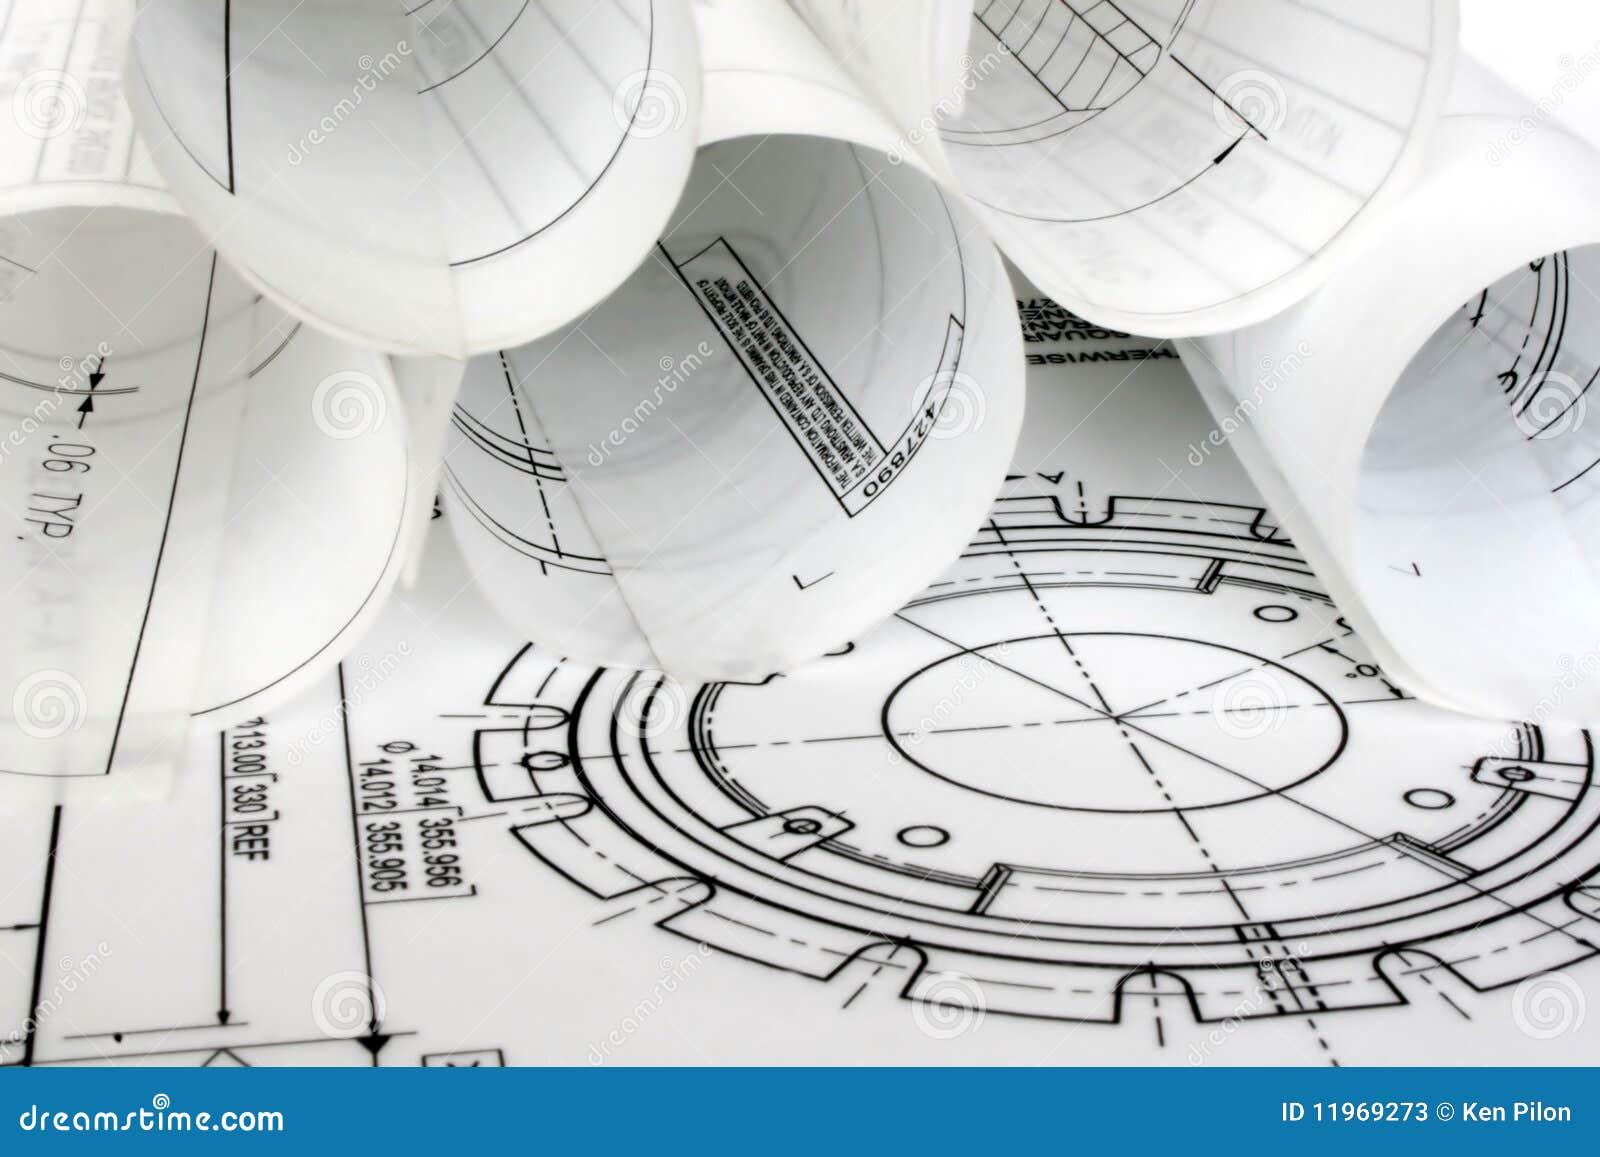 Gráficos de ingeniería